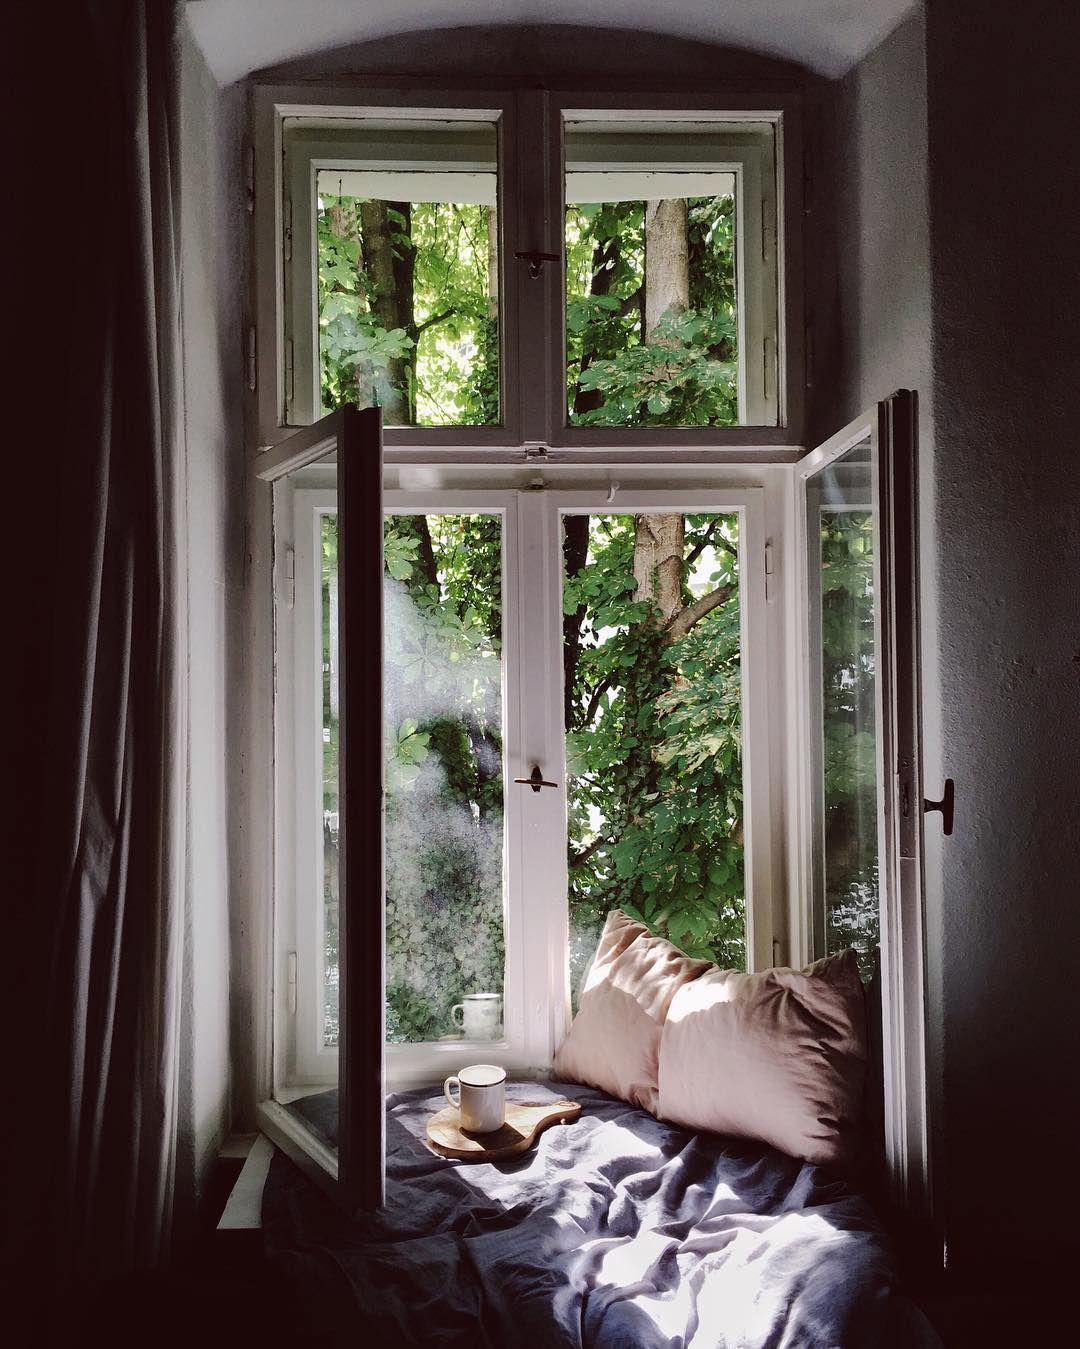 Schlafzimmer | Ideen rund ums Haus | Pinterest | Beautiful morning ...